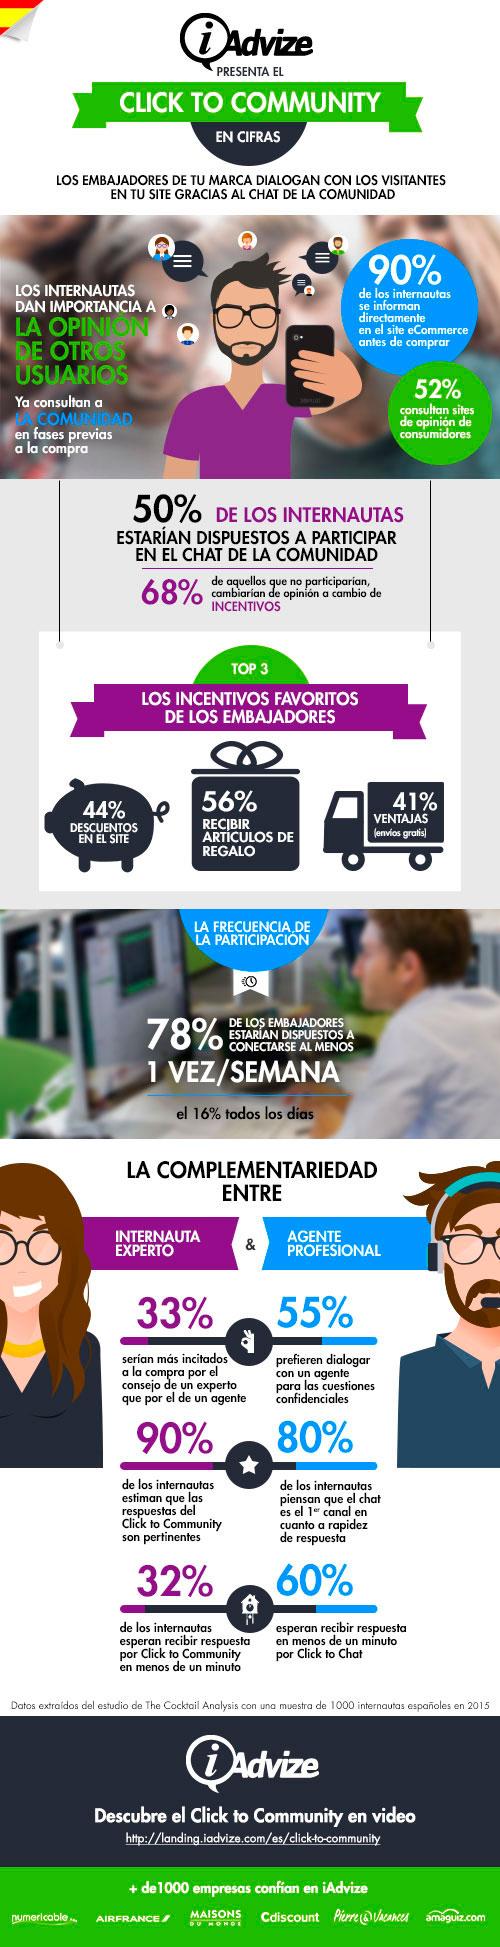 infografiaIadvize